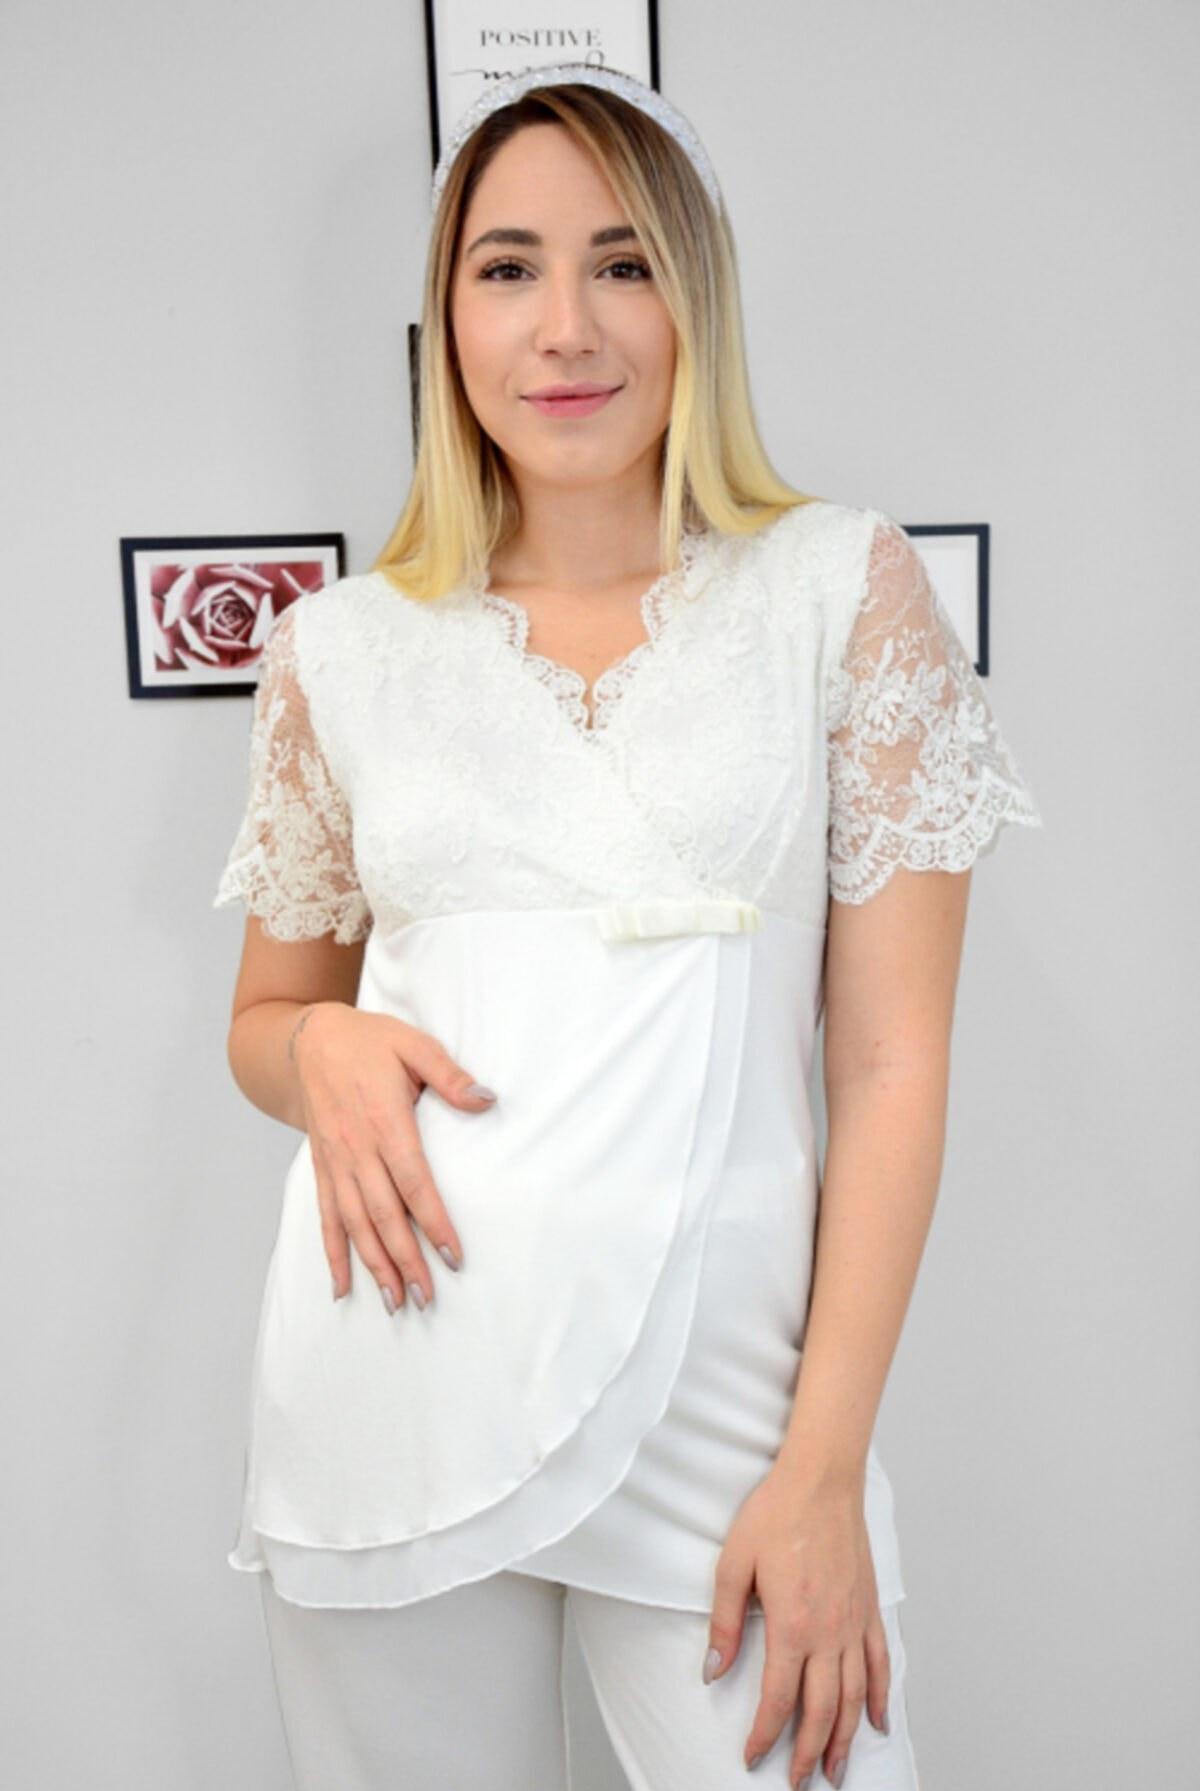 تصویر ست لباس راحتی بارداری 210380 برند Cossy By Aqua کد 1616975581